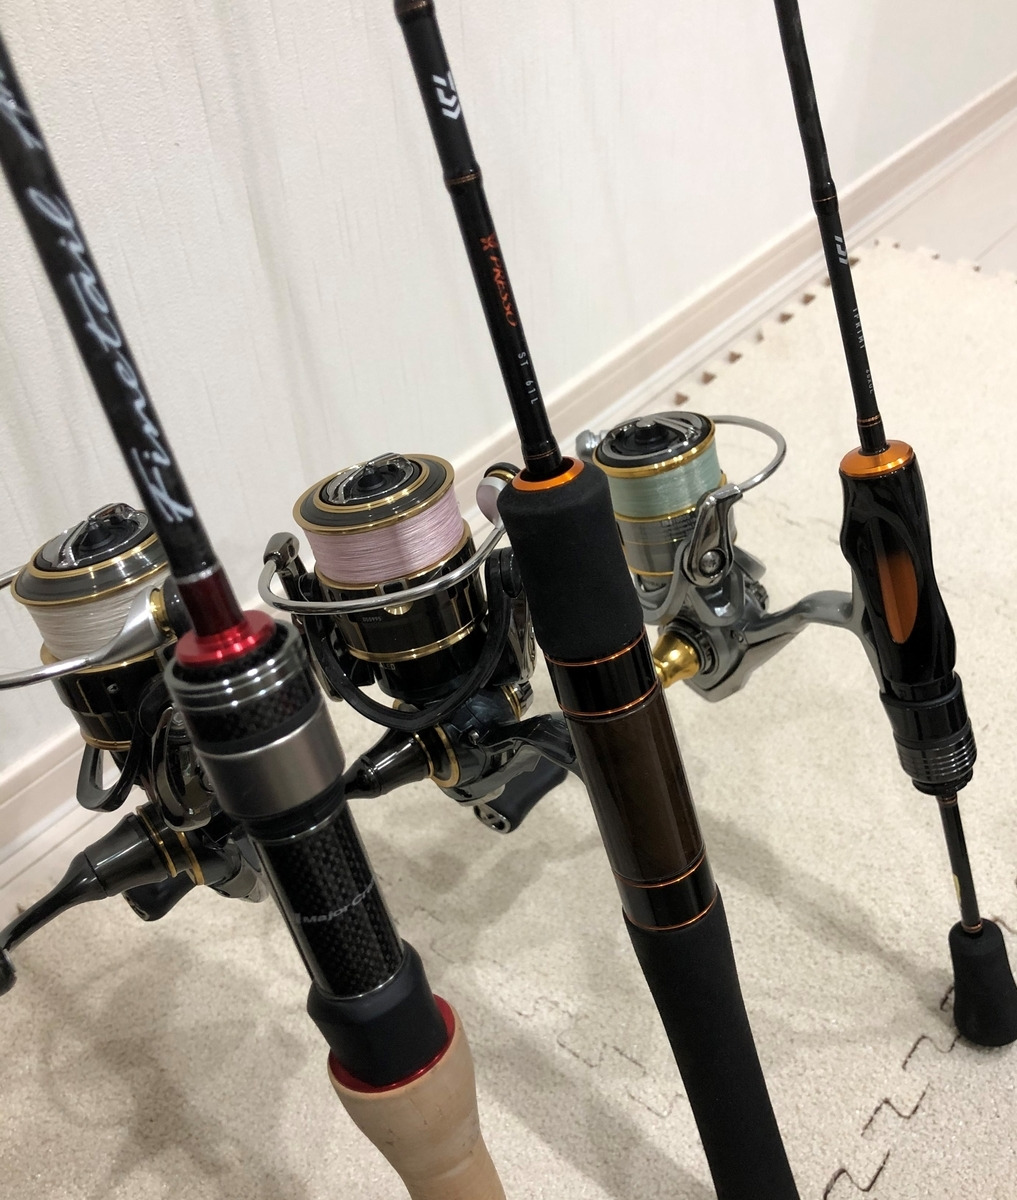 f:id:fishing_tanuki:20200803211524j:plain